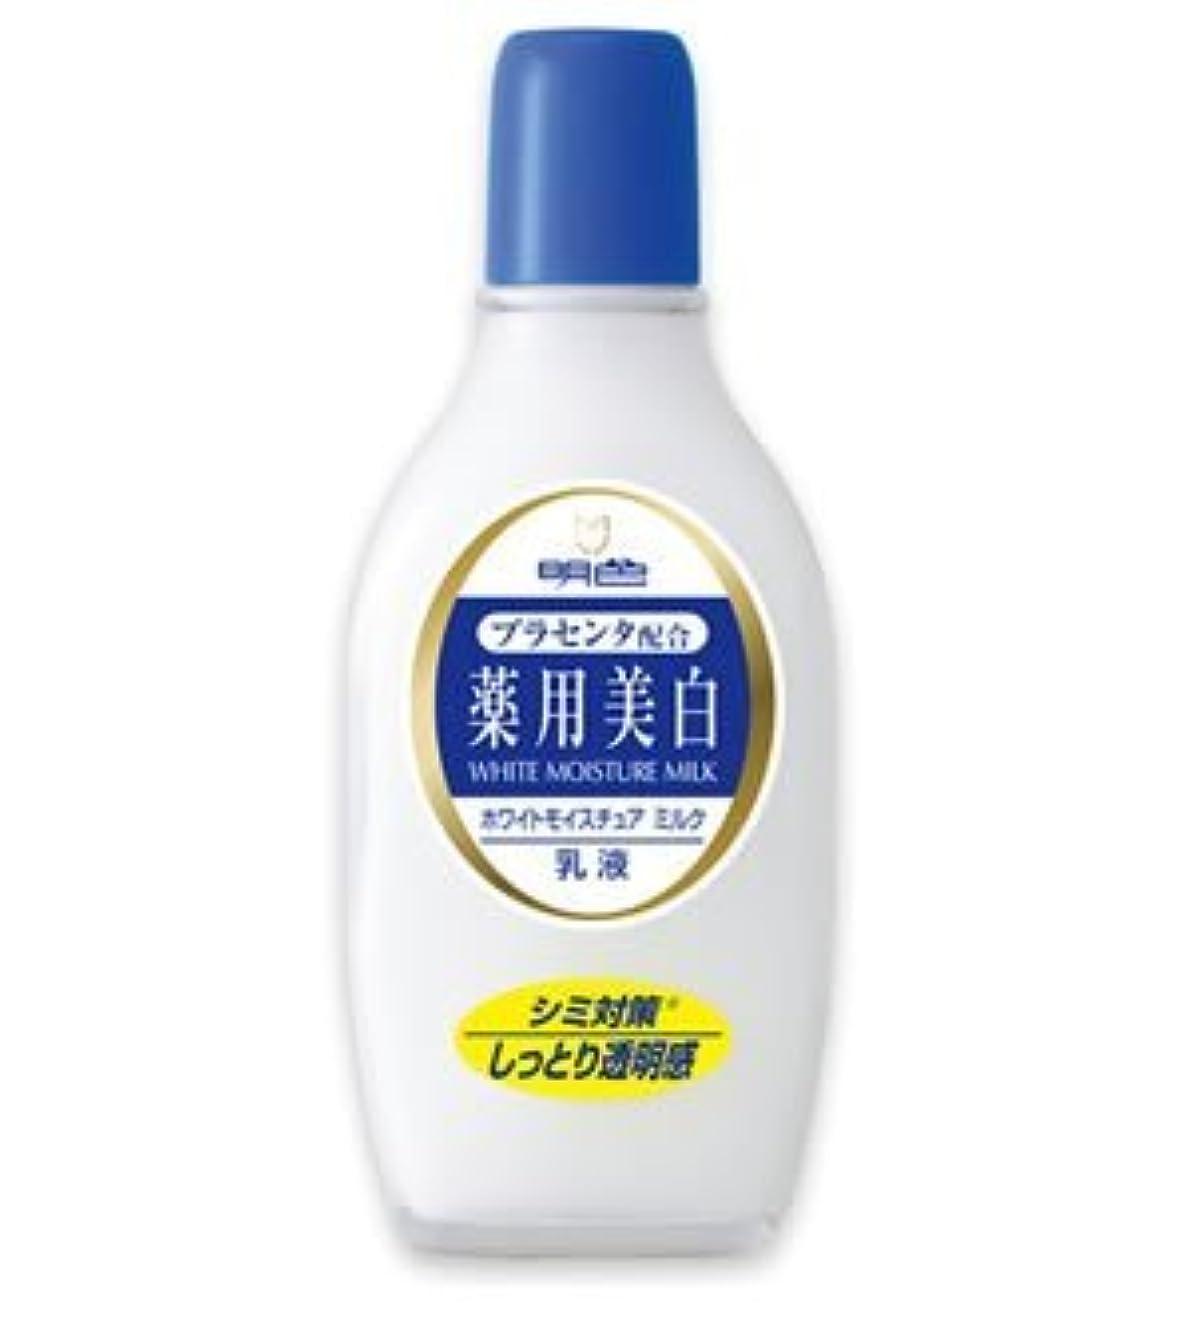 マーケティング頻繁に首謀者(明色)薬用ホワイトモイスチュアミルク 158ml(医薬部外品)(お買い得3本セット)